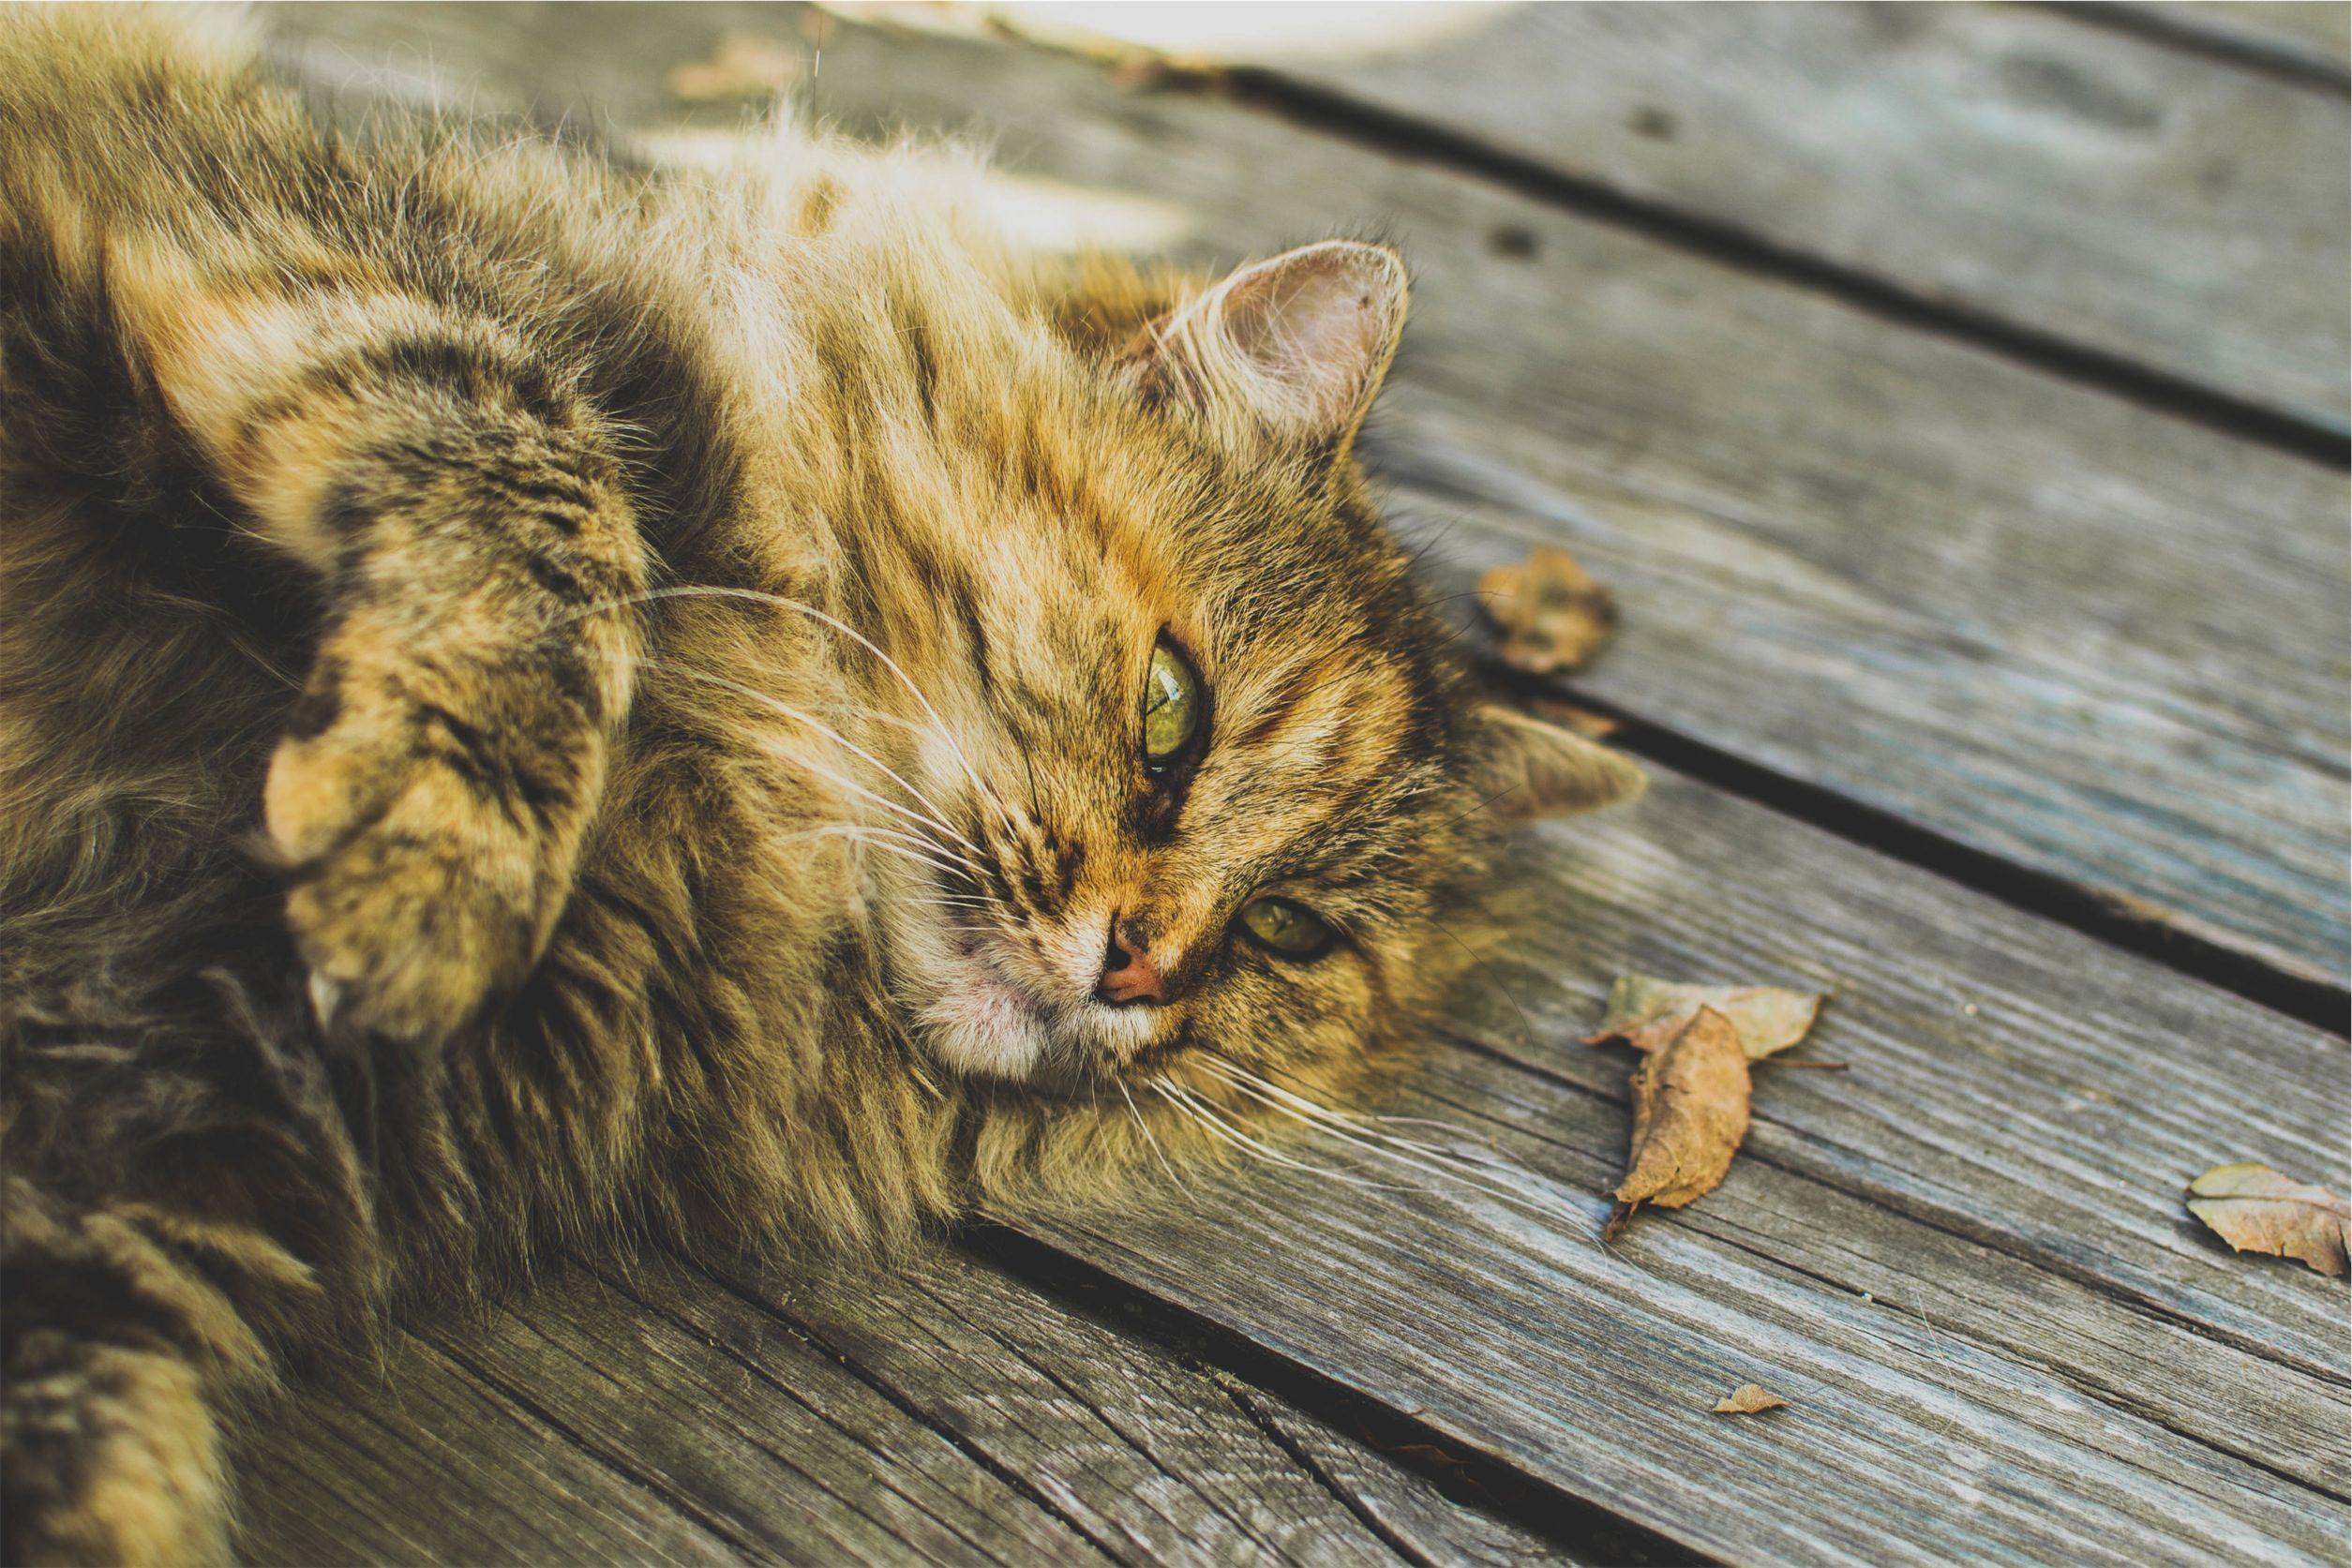 猫, 放松, 土壤, 木材, 看看 - 高清壁纸 - 教授-falken.com